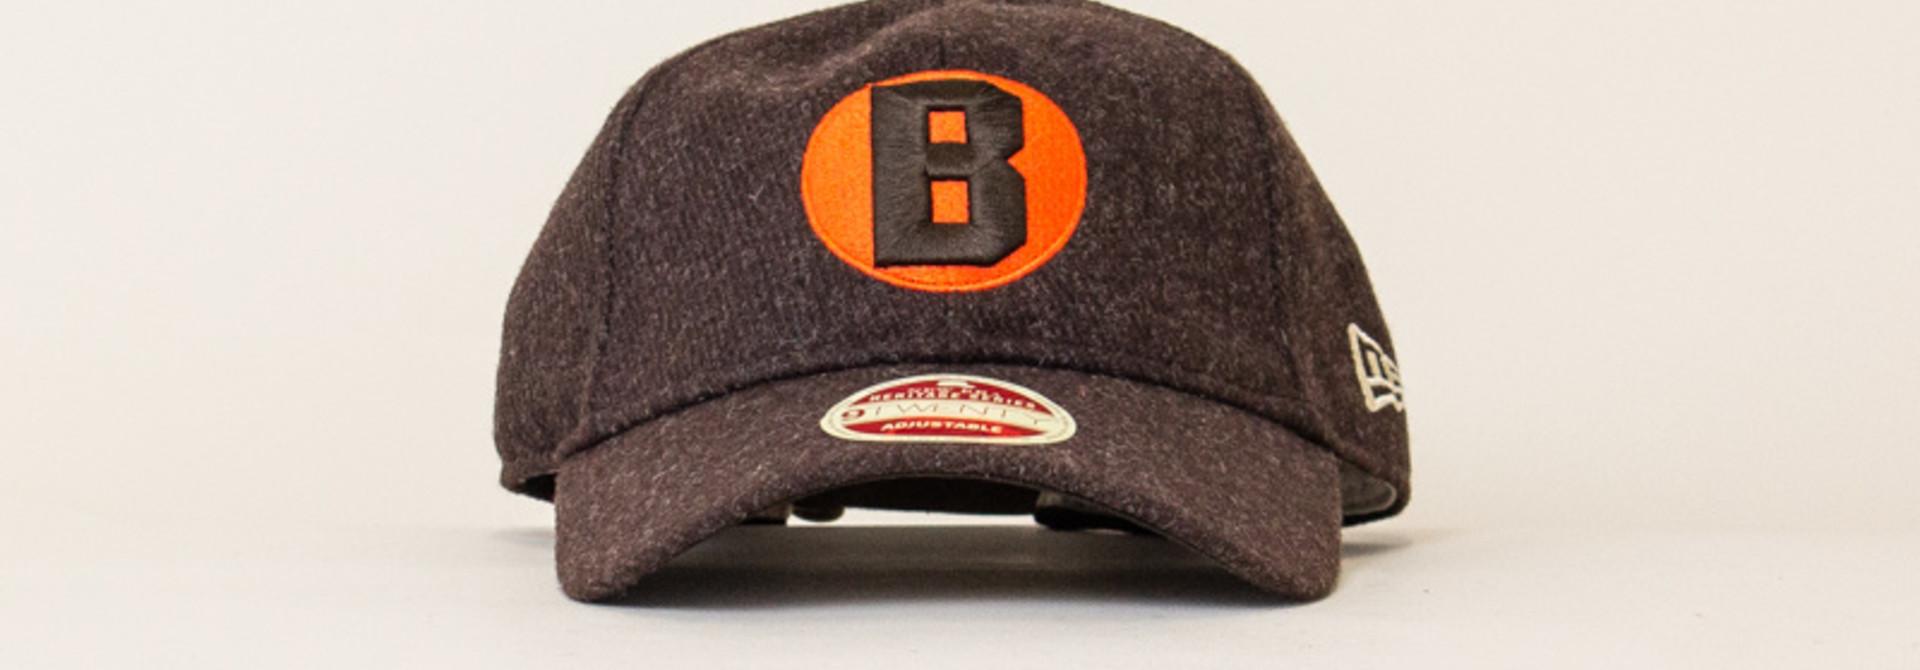 New Era Vintage Team Balsox Strapback - Brown/Orange